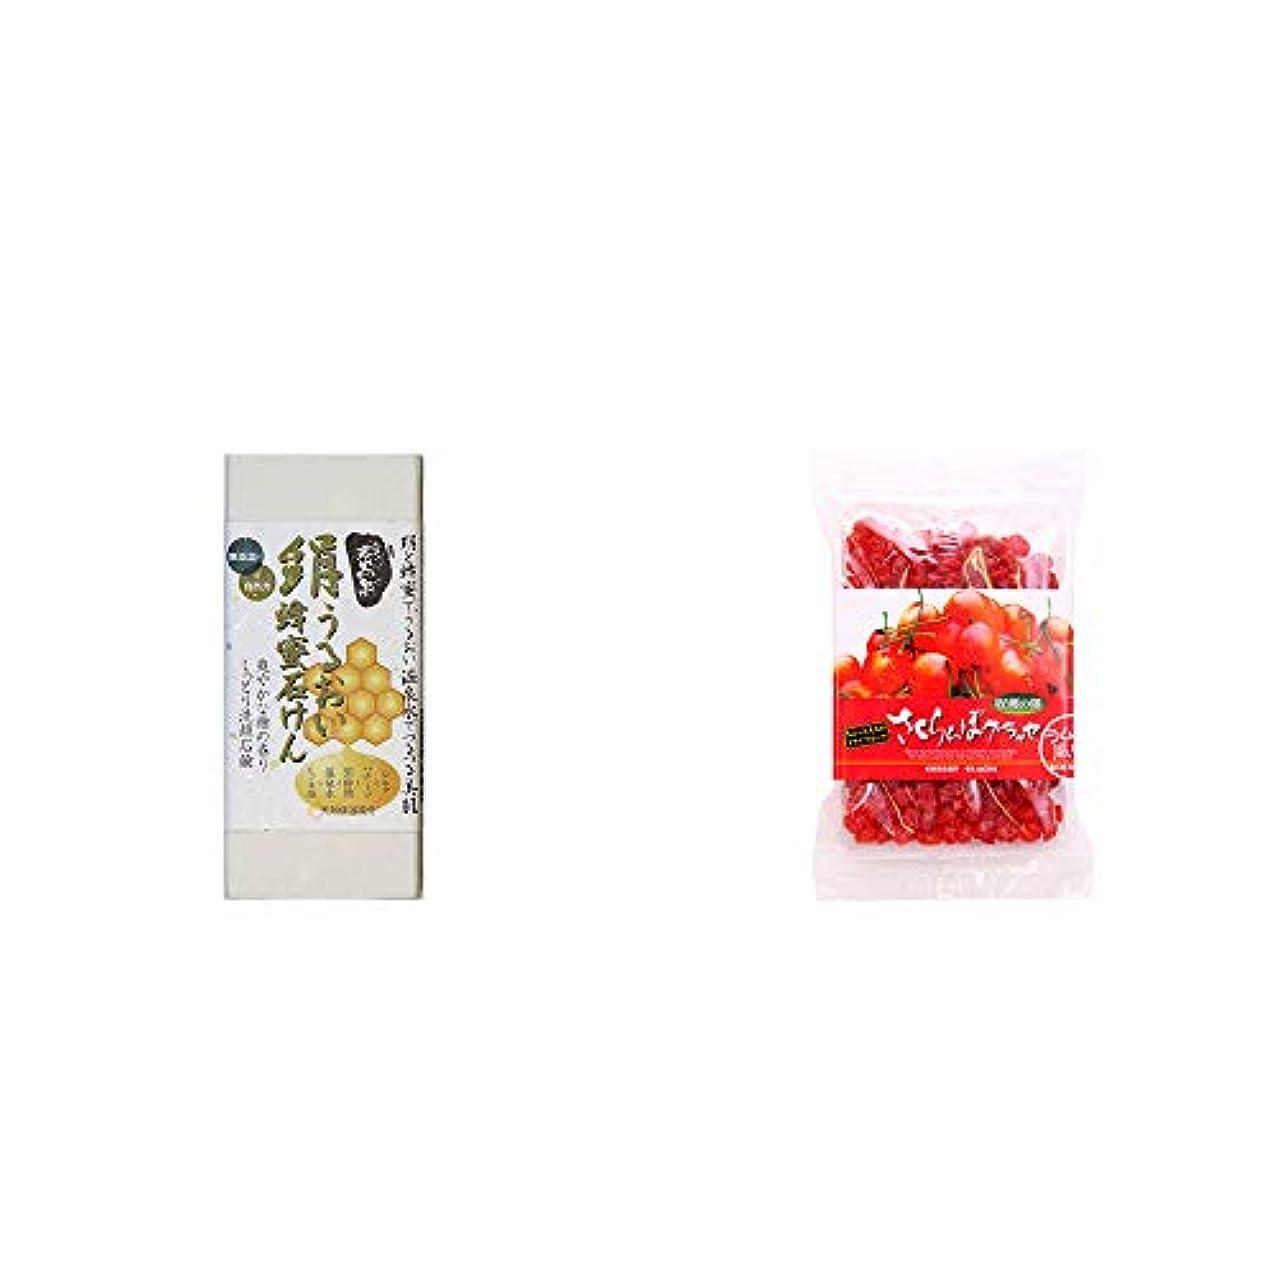 均等に居心地の良いフィッティング[2点セット] ひのき炭黒泉 絹うるおい蜂蜜石けん(75g×2)?収穫の朝 さくらんぼグラッセ ラム酒風味(180g)